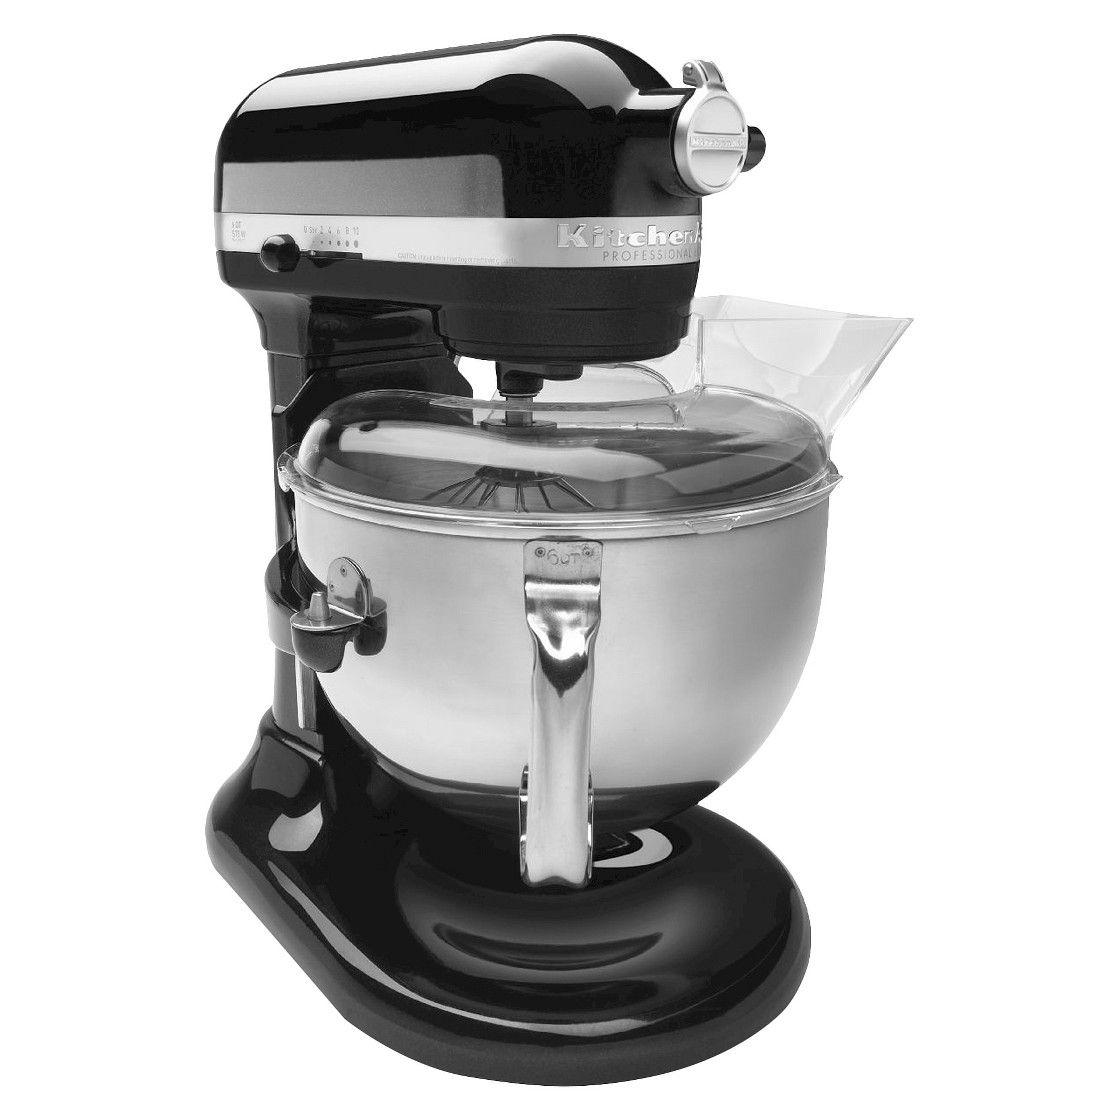 Kitchenaid professional 600 series 6 qt stand mixer